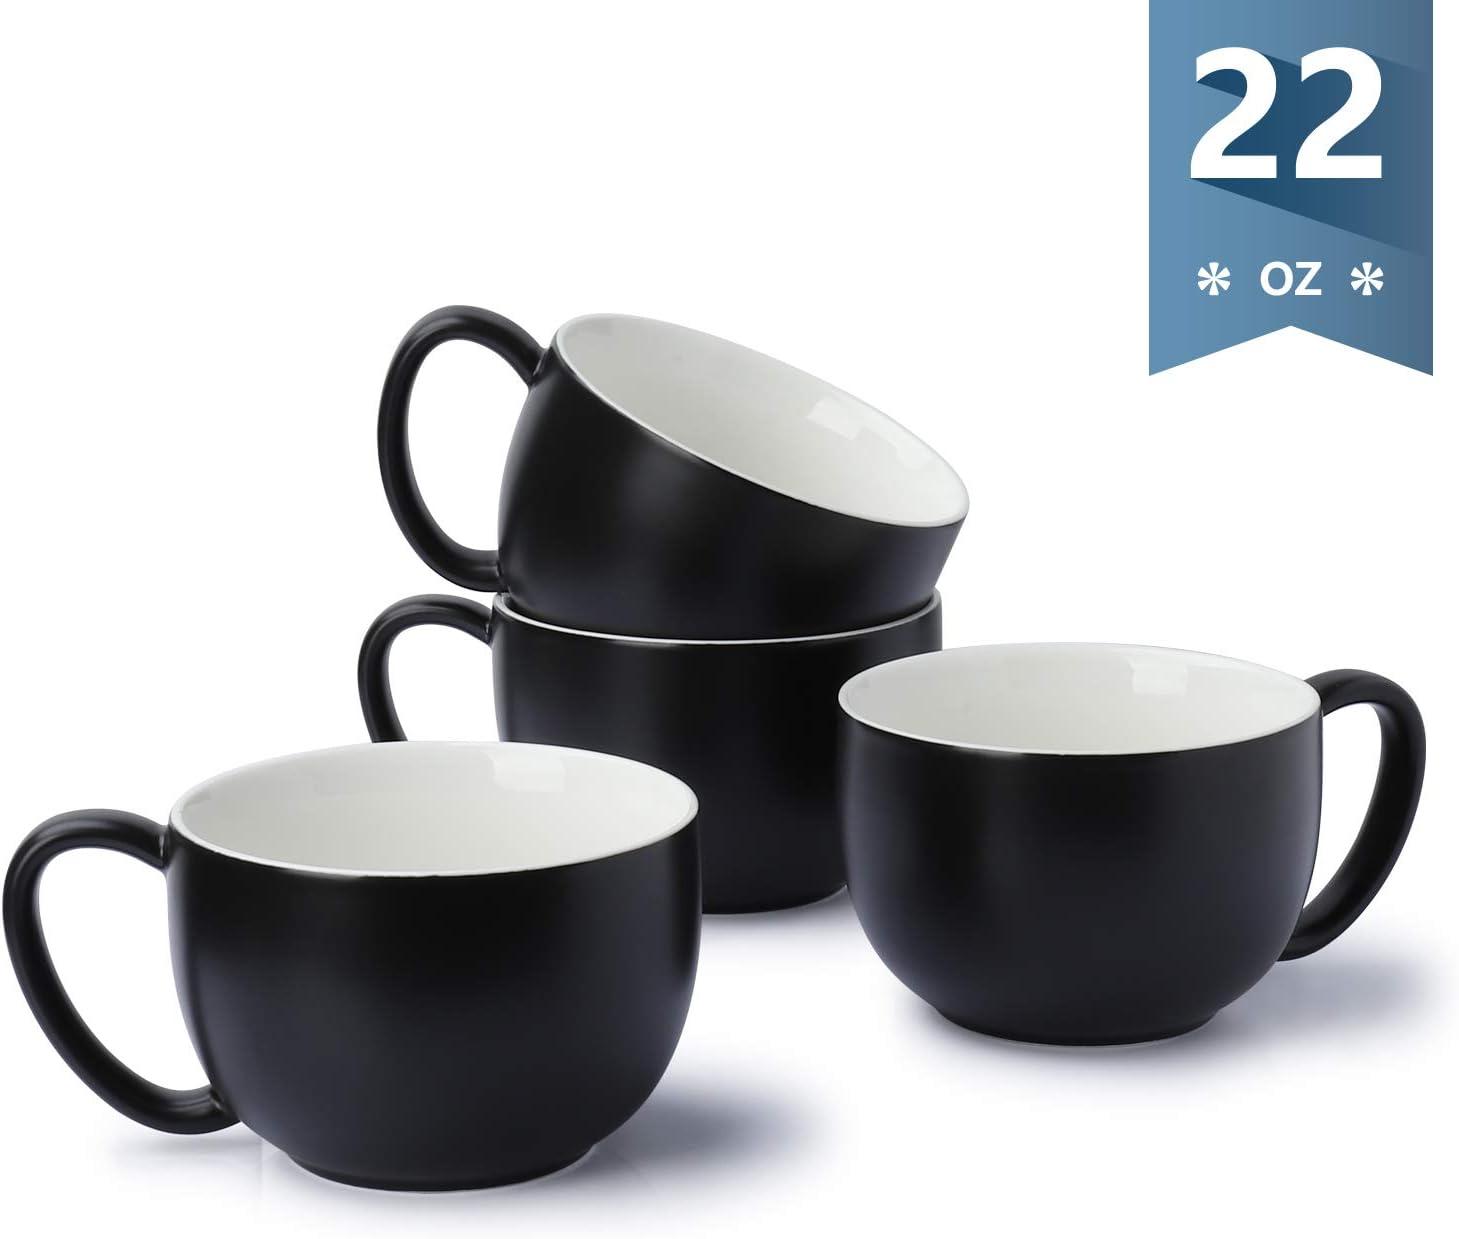 Sweese 613.114 Coffee Mug - 22 oz Jumbo Soup Bowl and Cereal Mugs, Set of 4, Matte Black